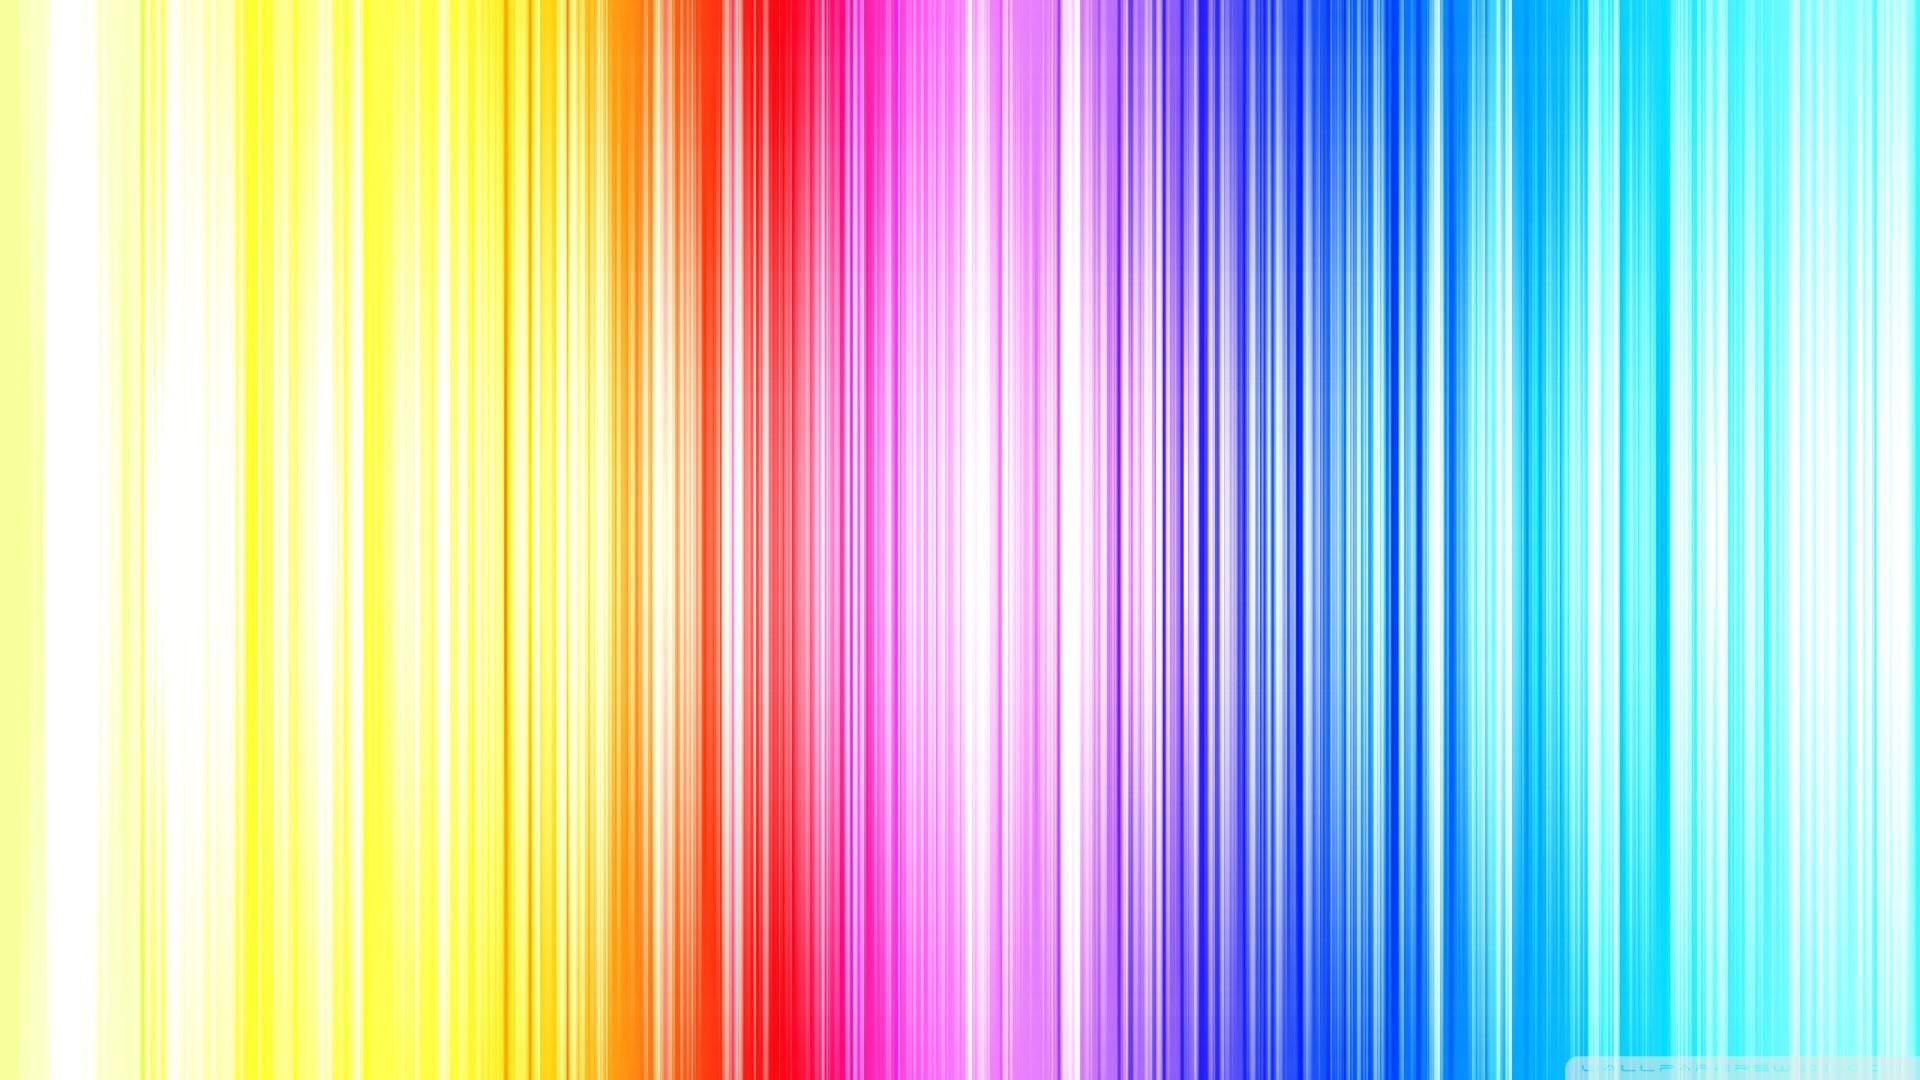 … rainbow 10 hd desktop wallpaper widescreen high definition …